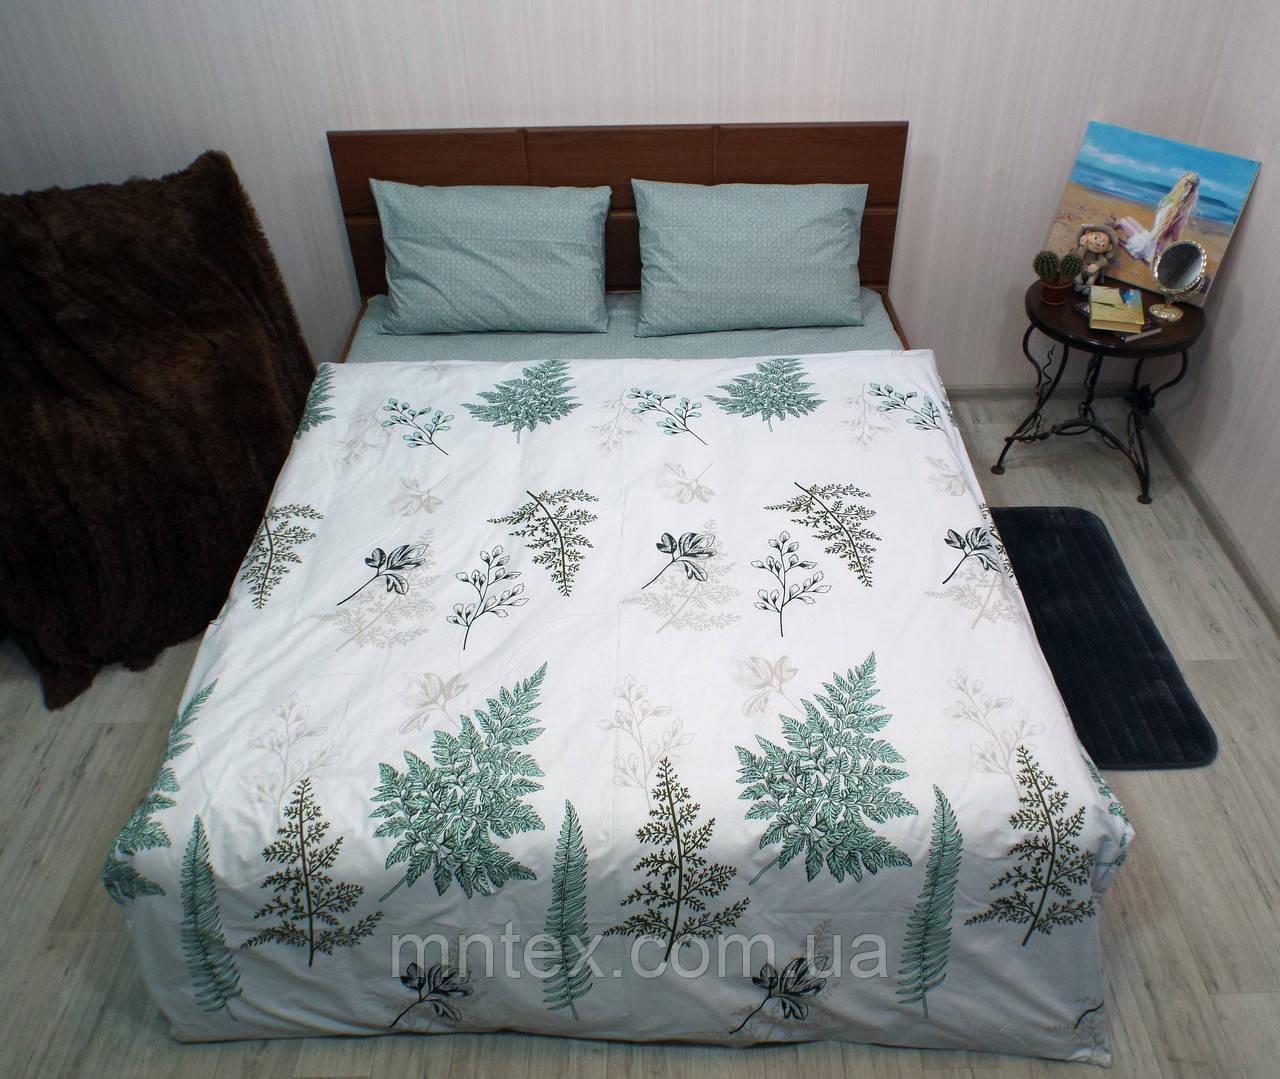 Комплект постельного белья бязь Голд Полька